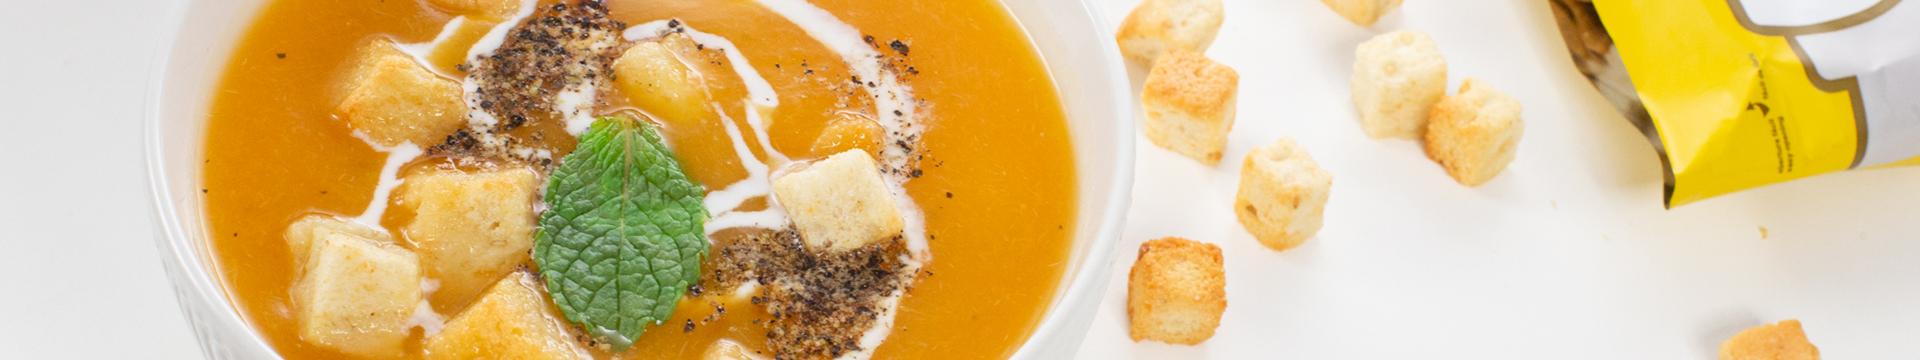 Sopa fría de calabaza